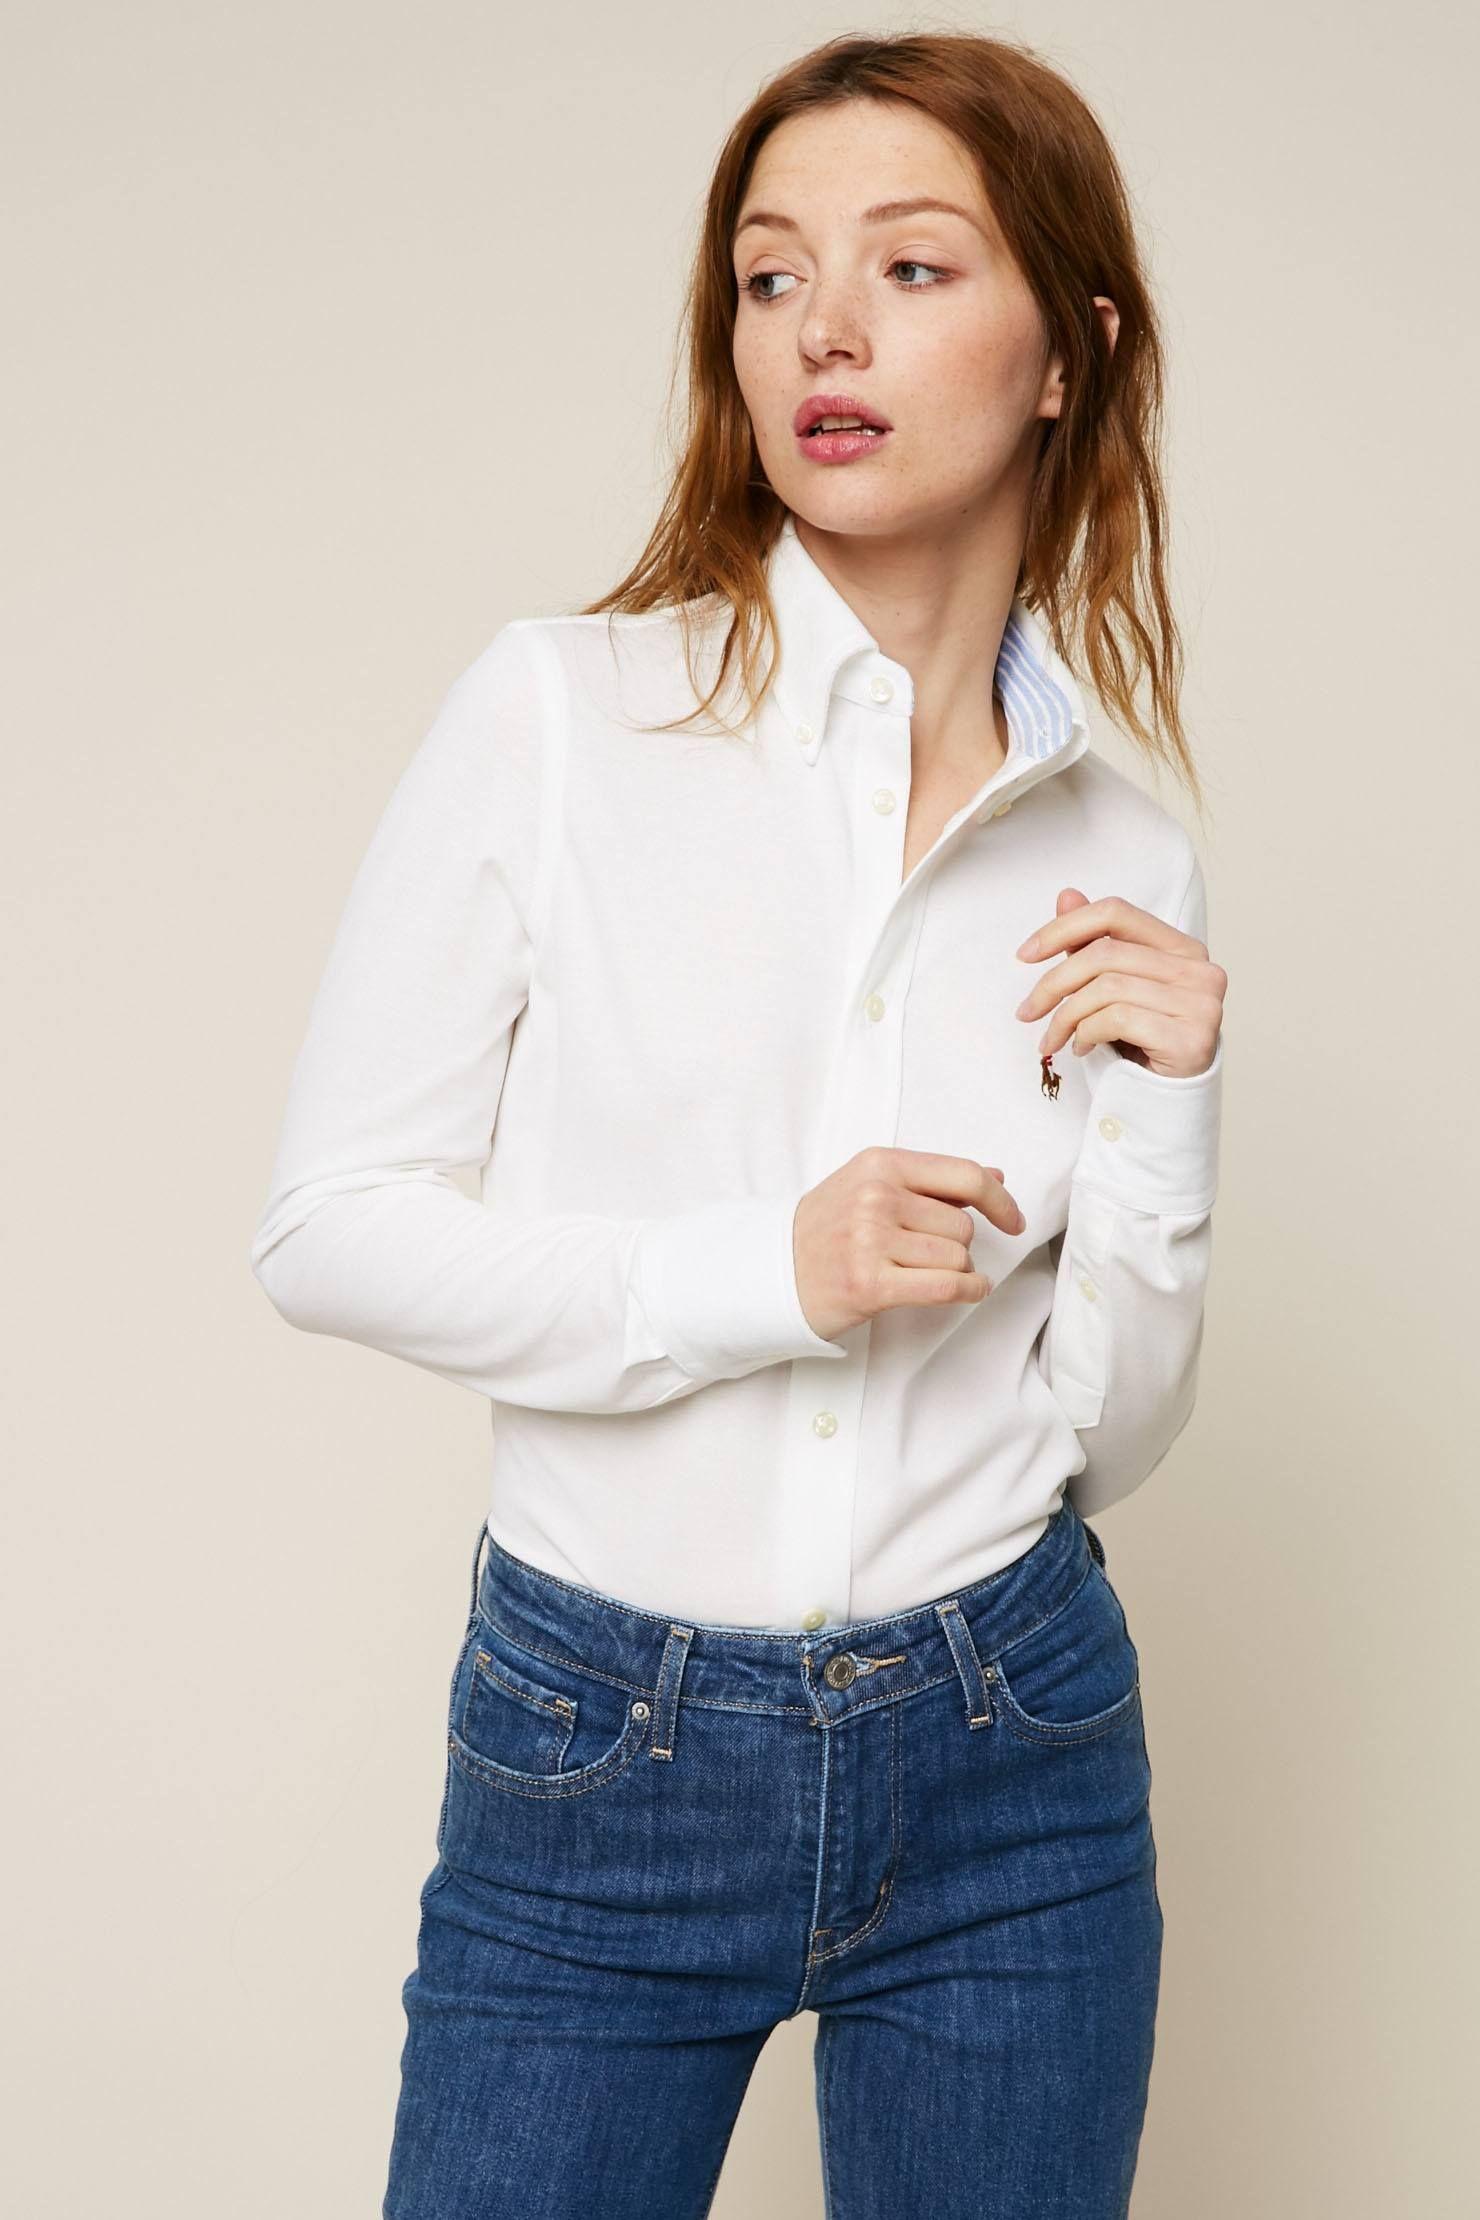 Polo Ralph Lauren Chemise en coton texturé Oxford blanc pas cher prix  Chemise Femme Monshowroom 119.00 € TTC 290ee99cbc54